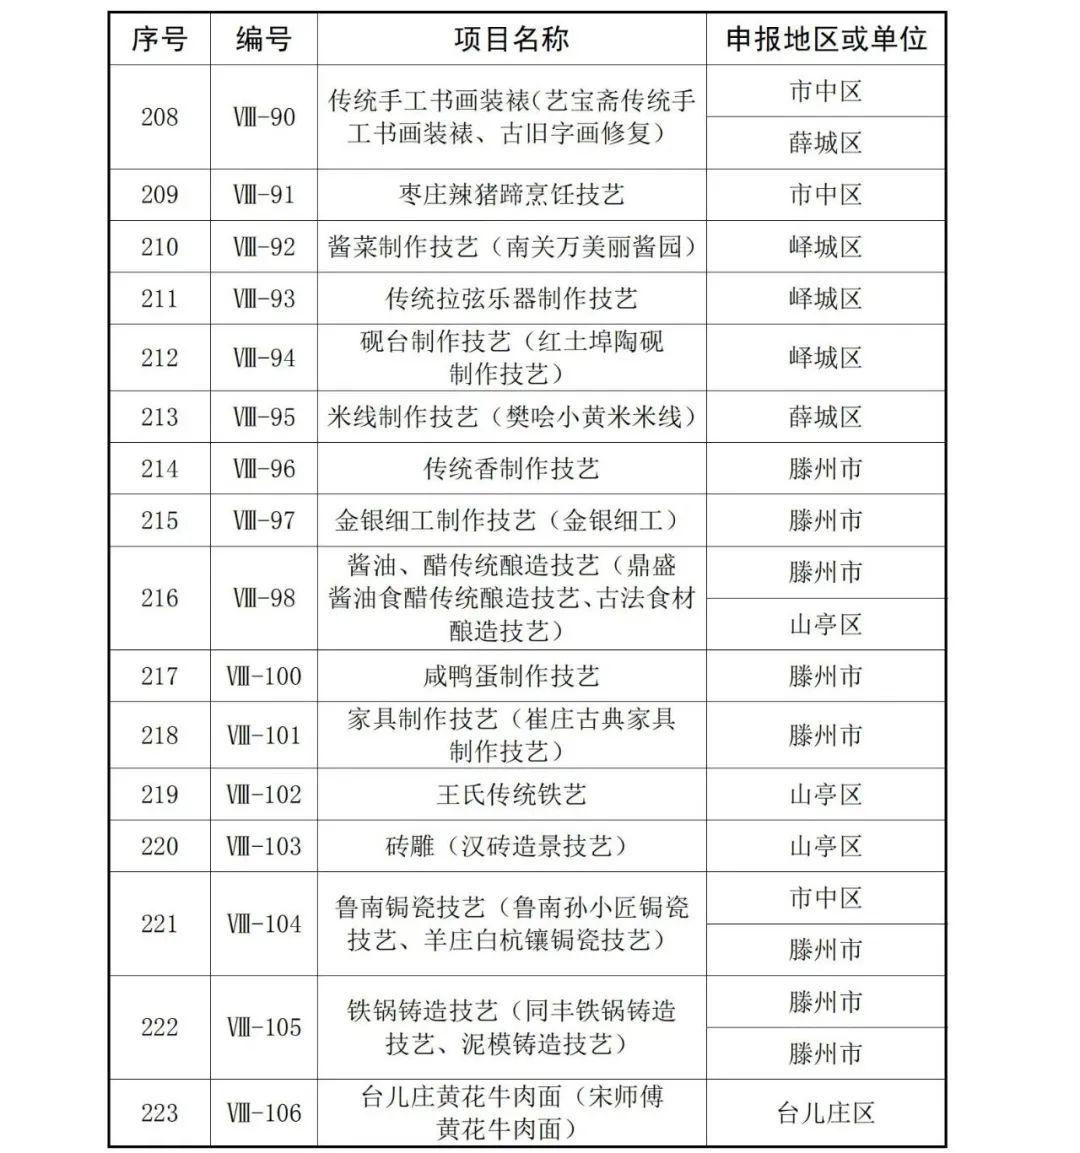 正式公布!枣庄市第六批市级非物质文化遗产名录来了